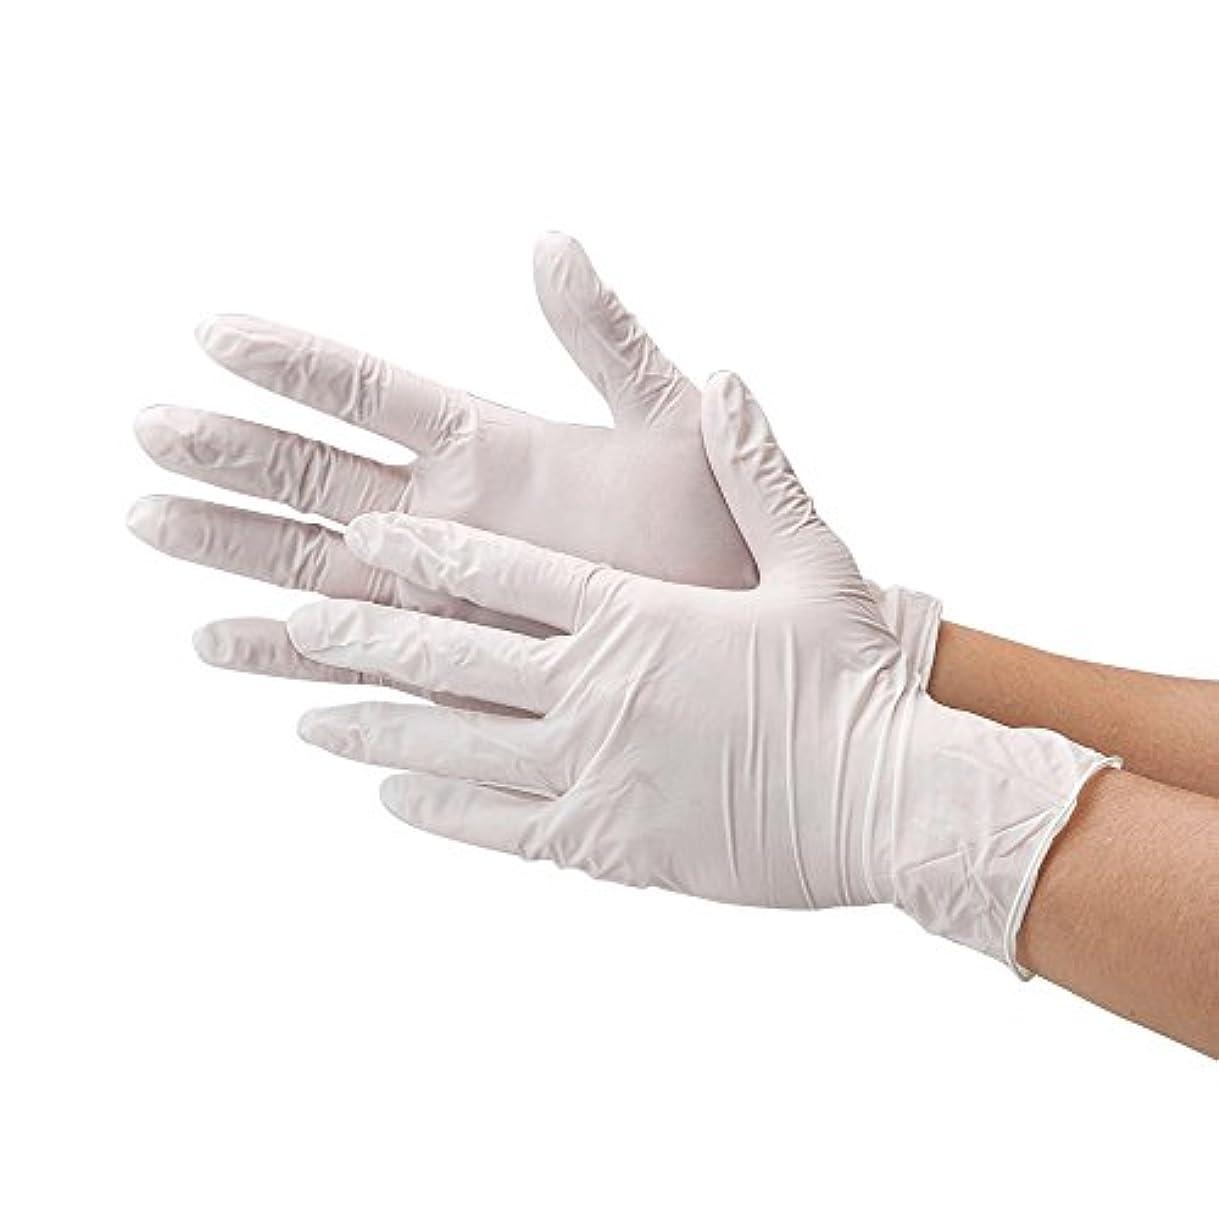 ギネス通常歪める使い捨て手袋 まるで素手の様な感覚で作業ができる 極薄 ゴム手袋 白 ホワイト 10枚入り 粉あり (サイズ:M) 左右兼用 食品衛生法適合品